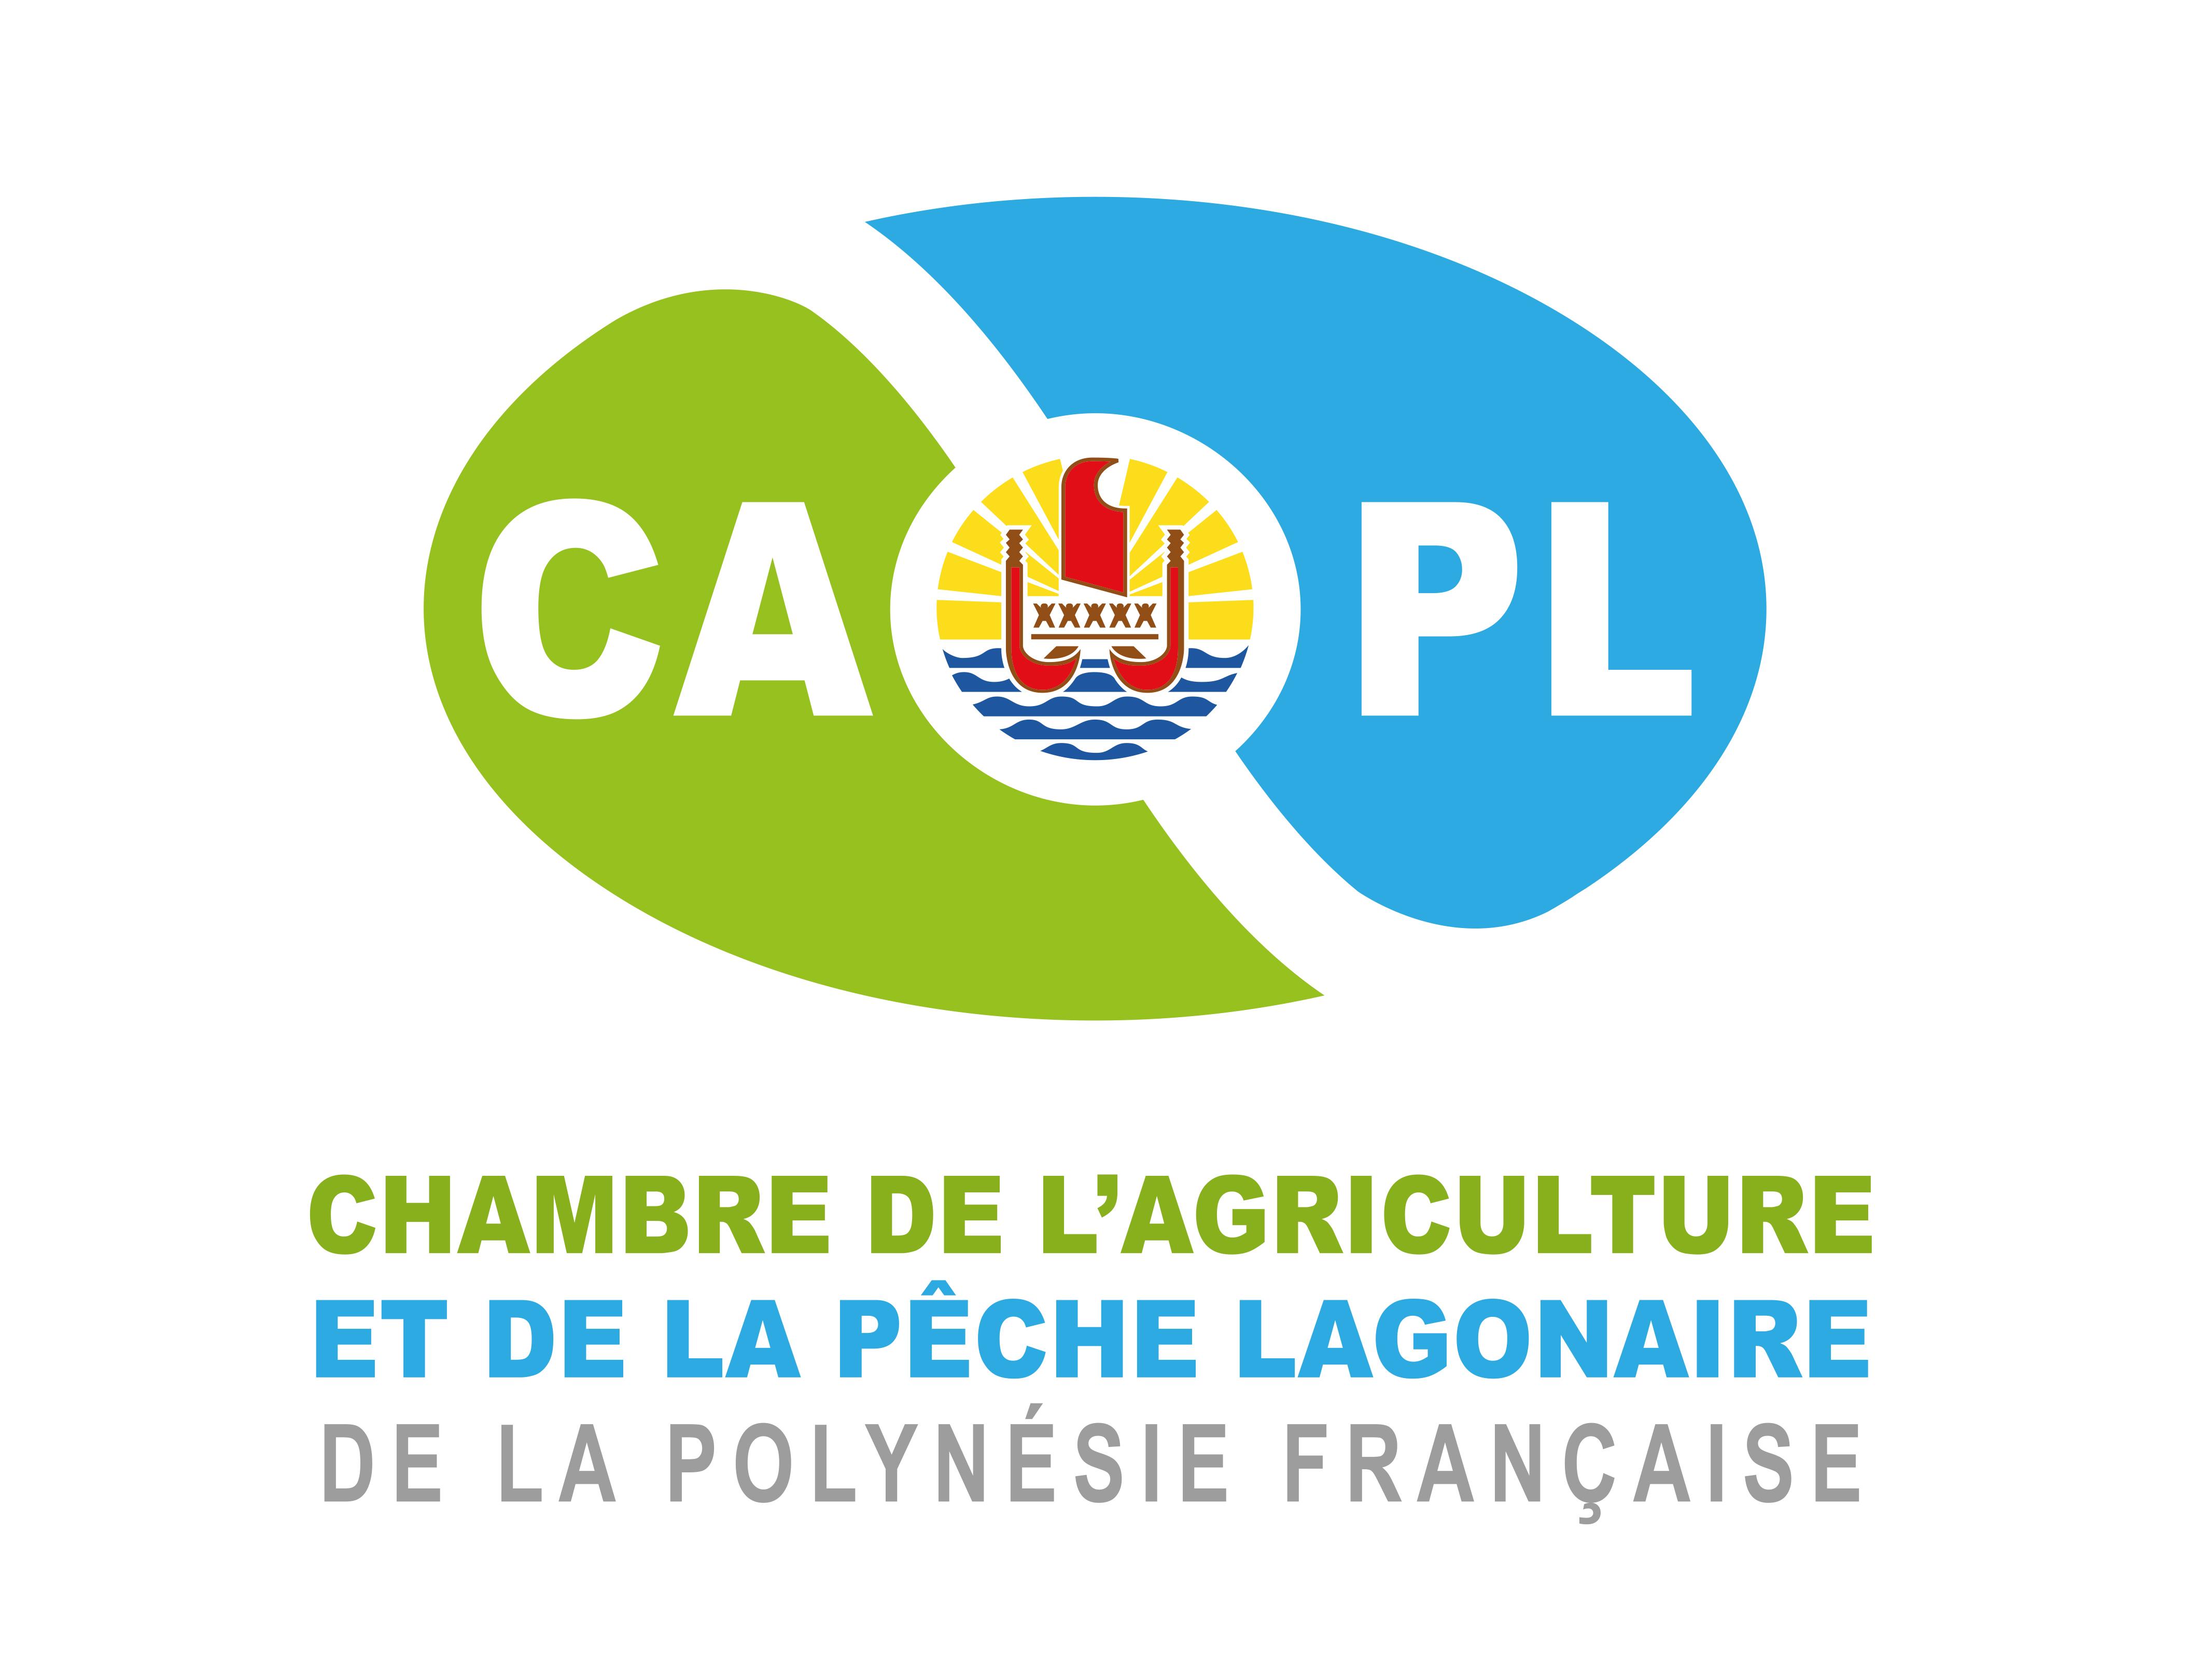 Renouvellement des cartes CAPL à compter du 26 décembre